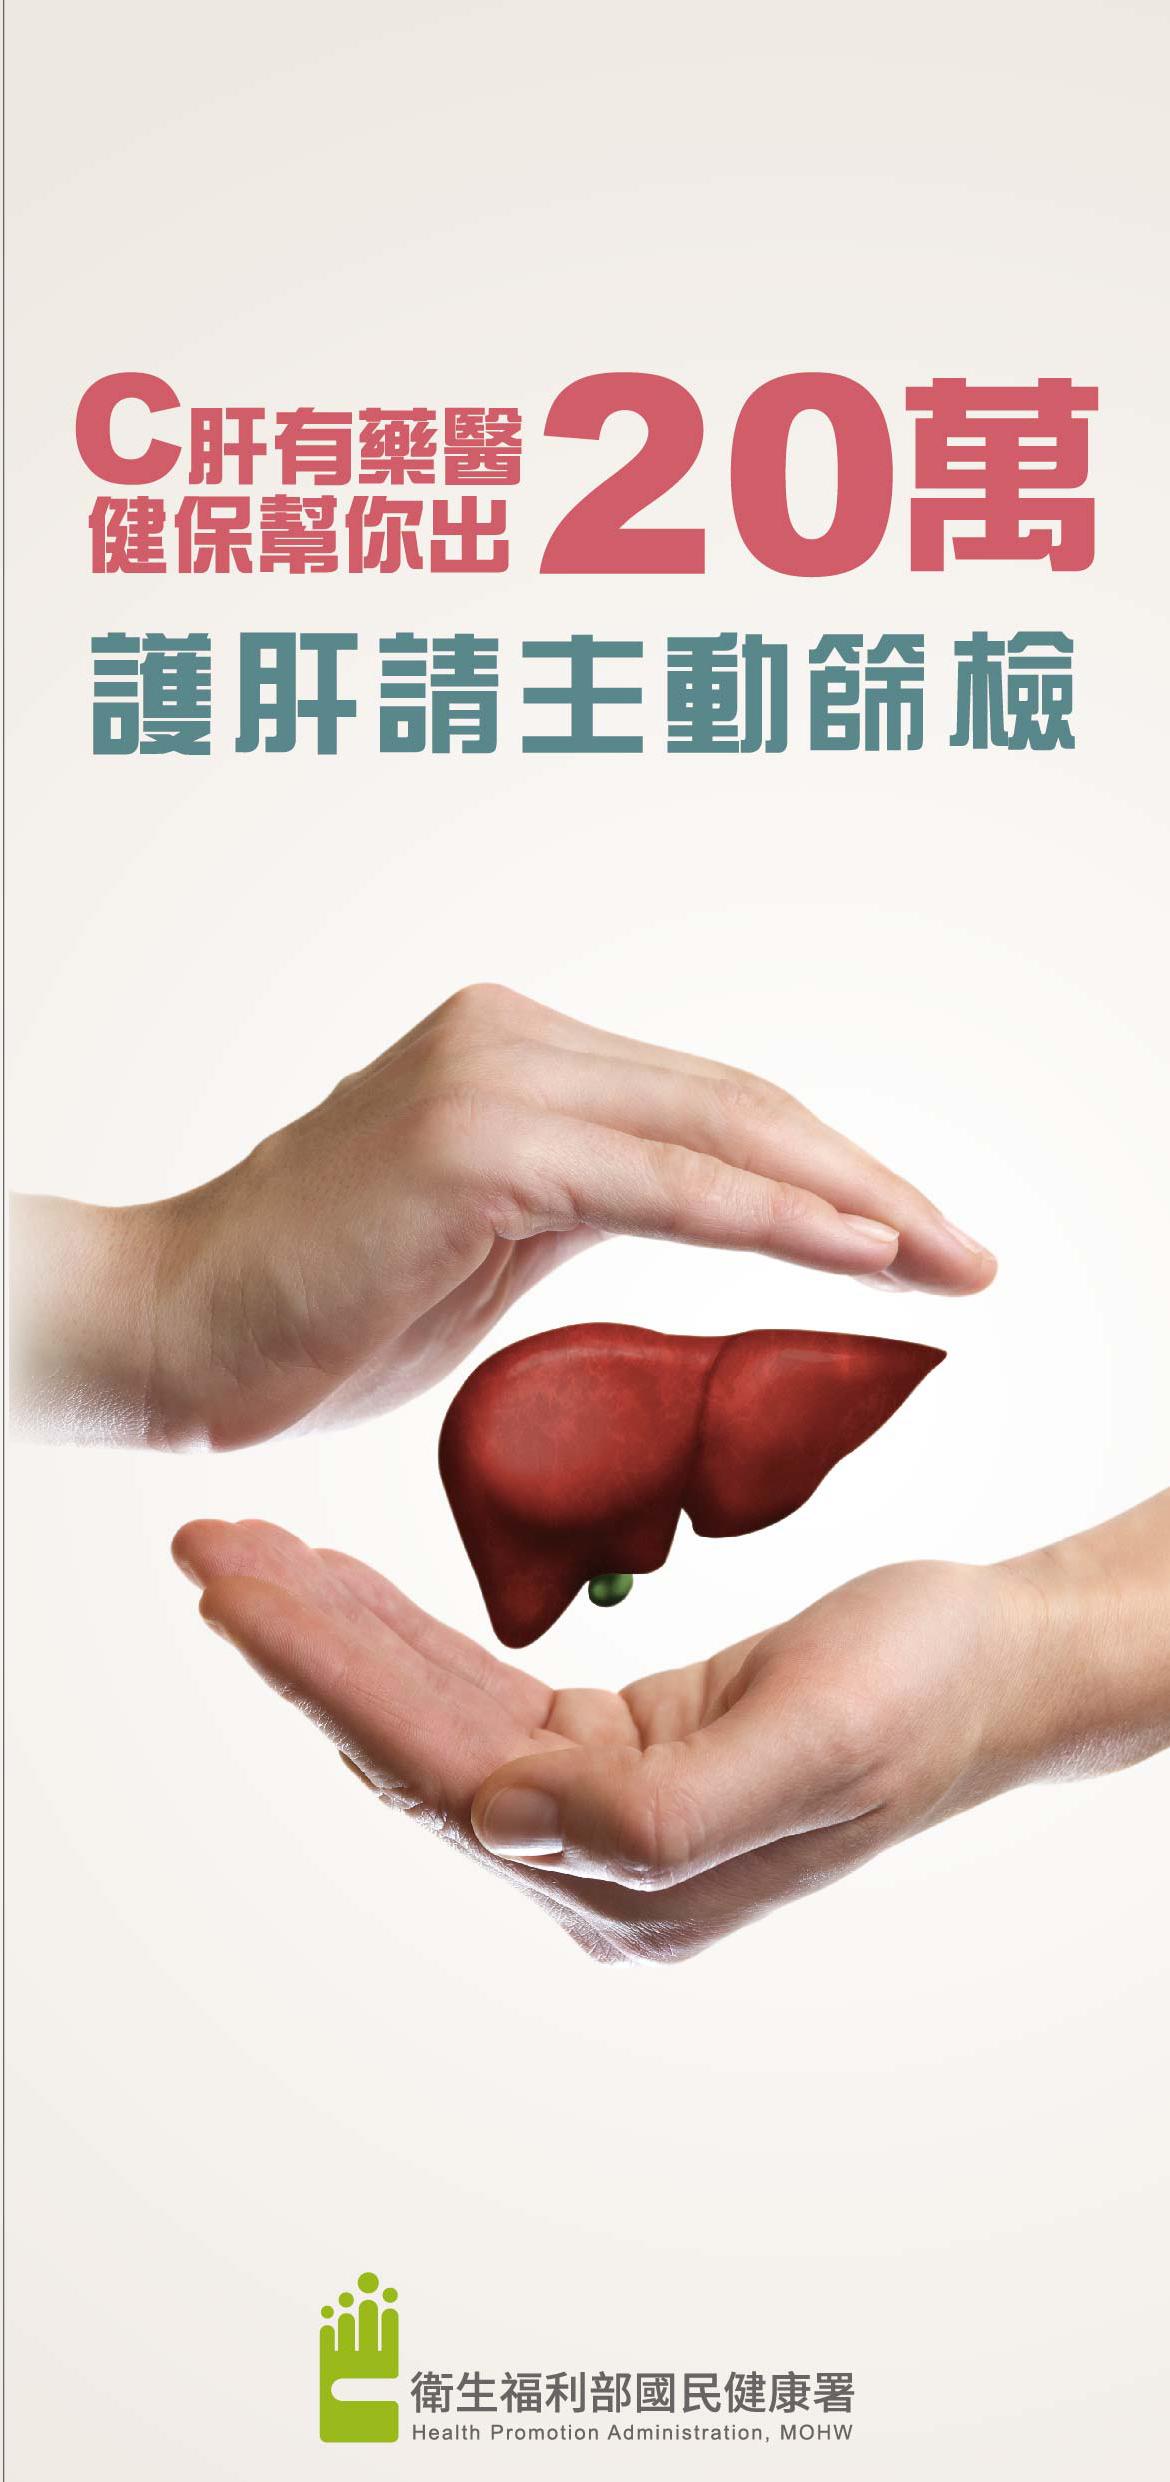 肝有藥醫 健保幫你出 20萬 (肝炎篩檢摺頁)